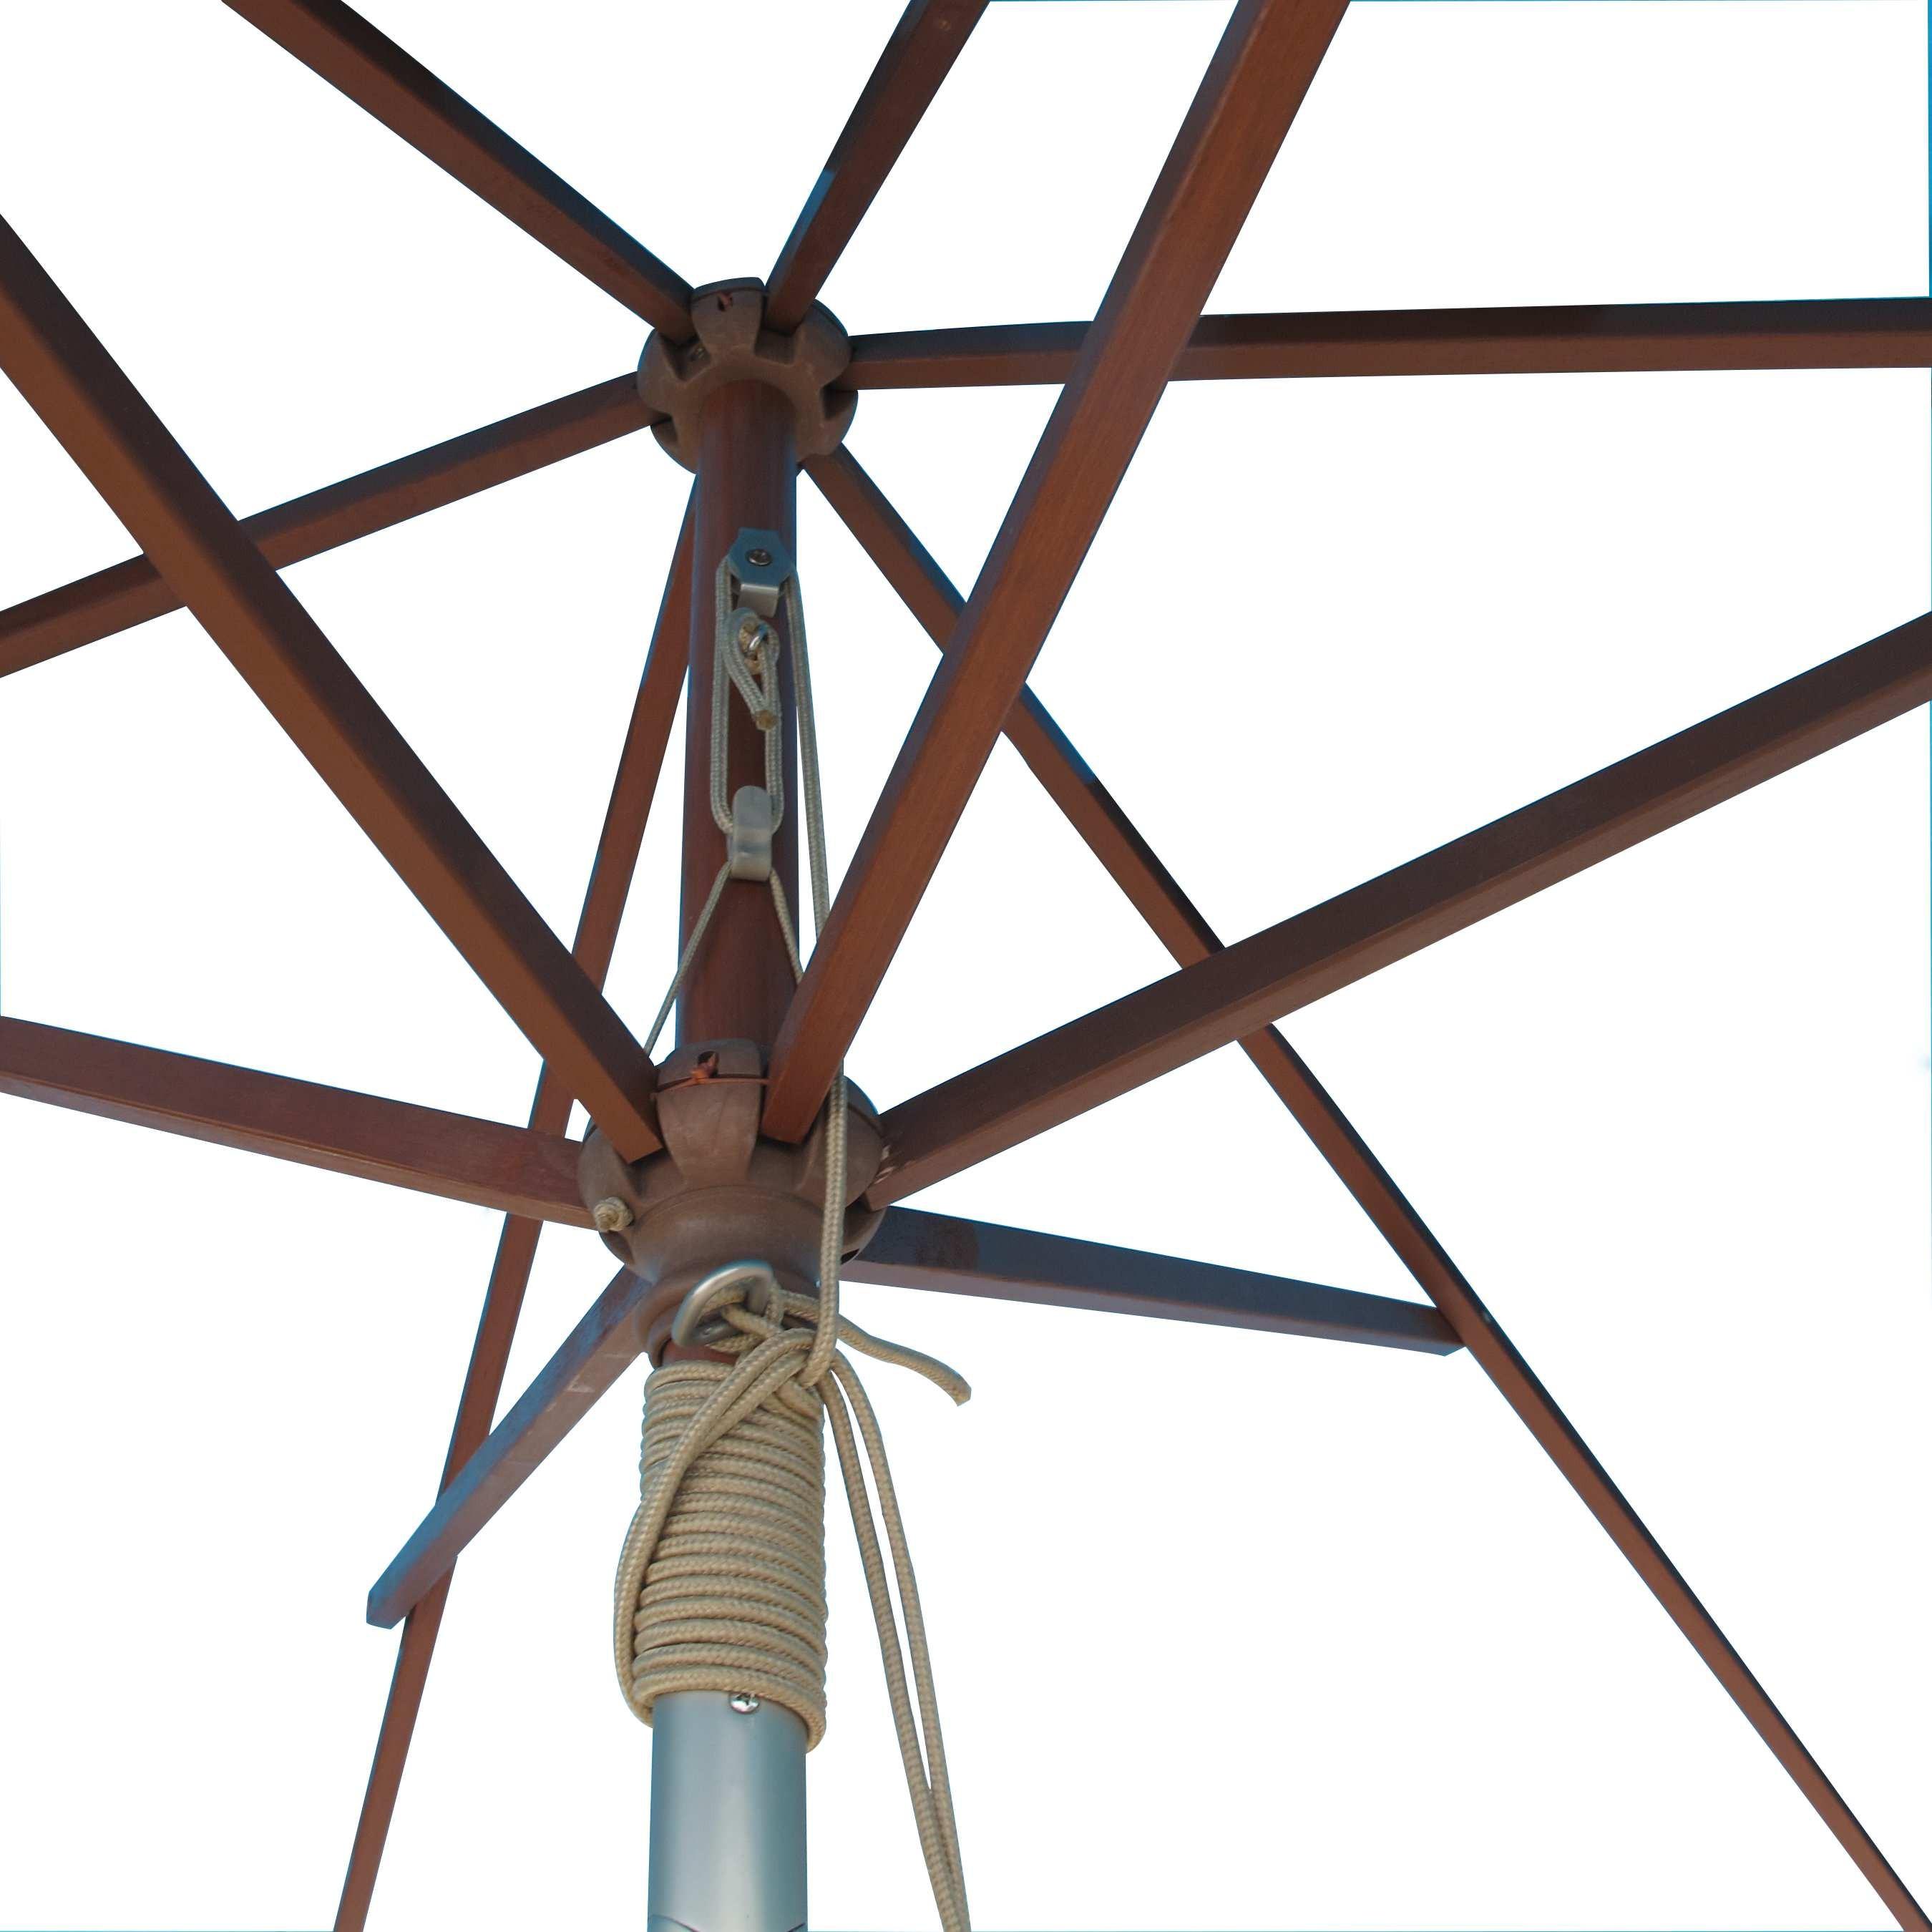 parasol deporte 2x3 fabulous parasol dport biarritz with parasol deporte 2x3 parasol x cm. Black Bedroom Furniture Sets. Home Design Ideas